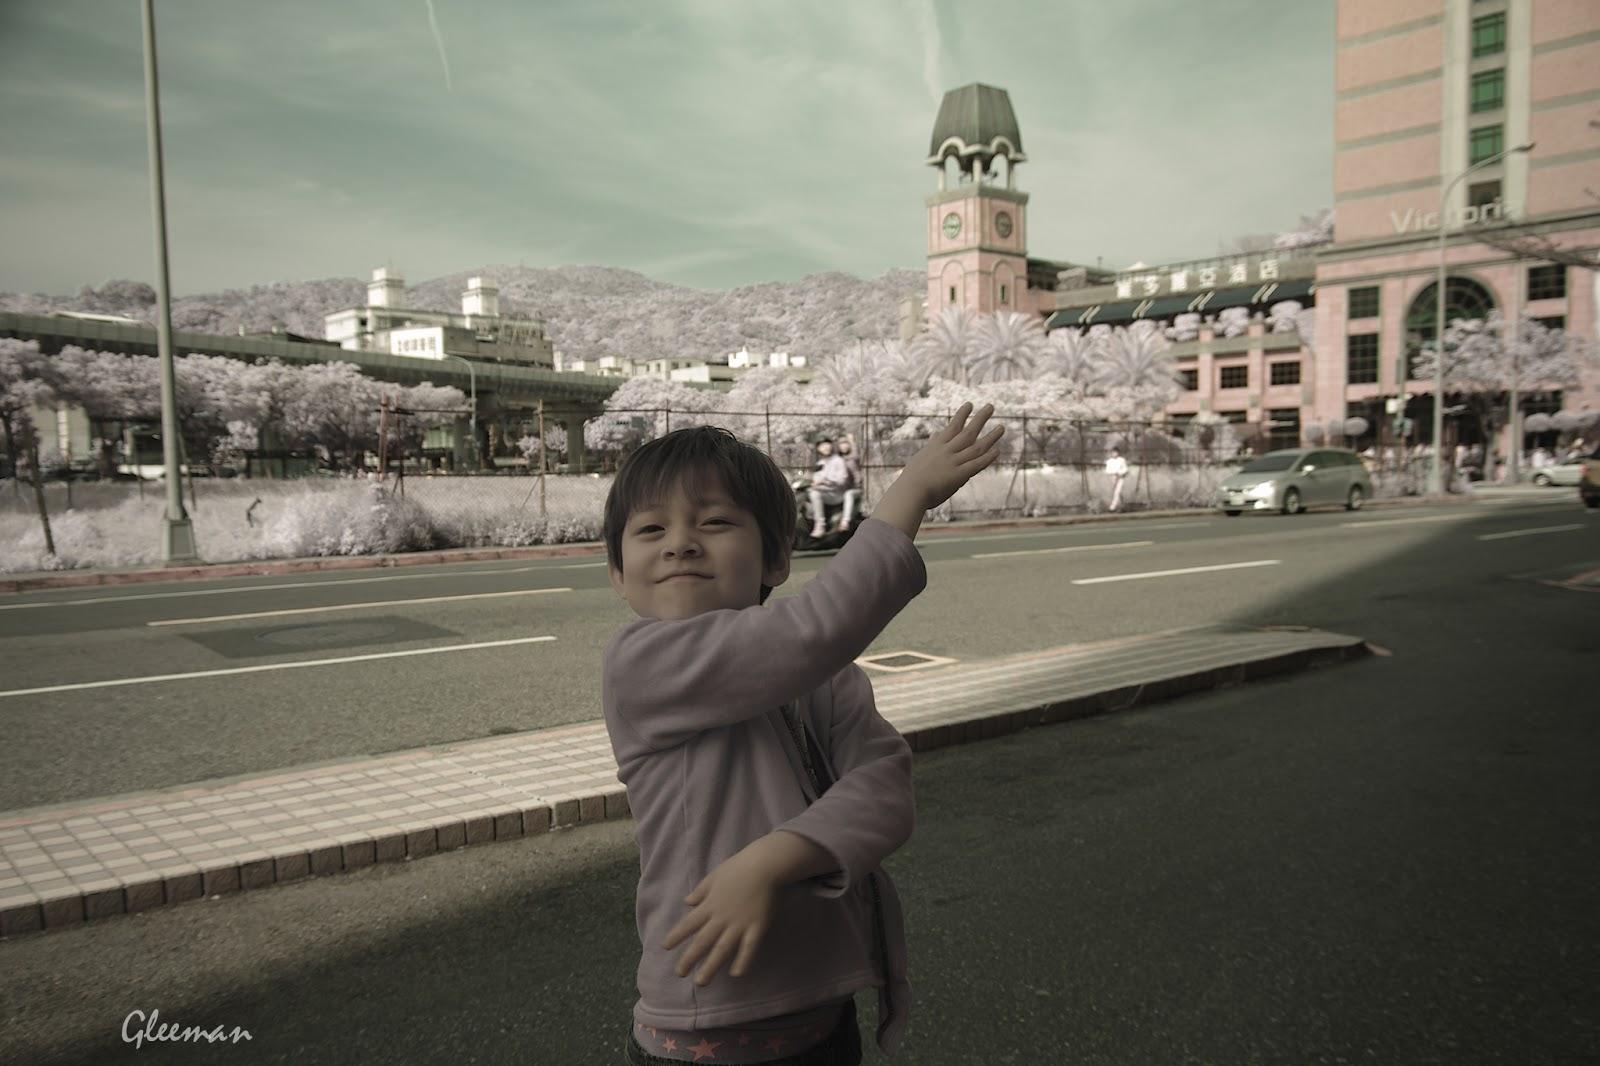 彩色紅外線攝影 (Pentax K5 Color IR ),擺個假面騎士的Pose:)